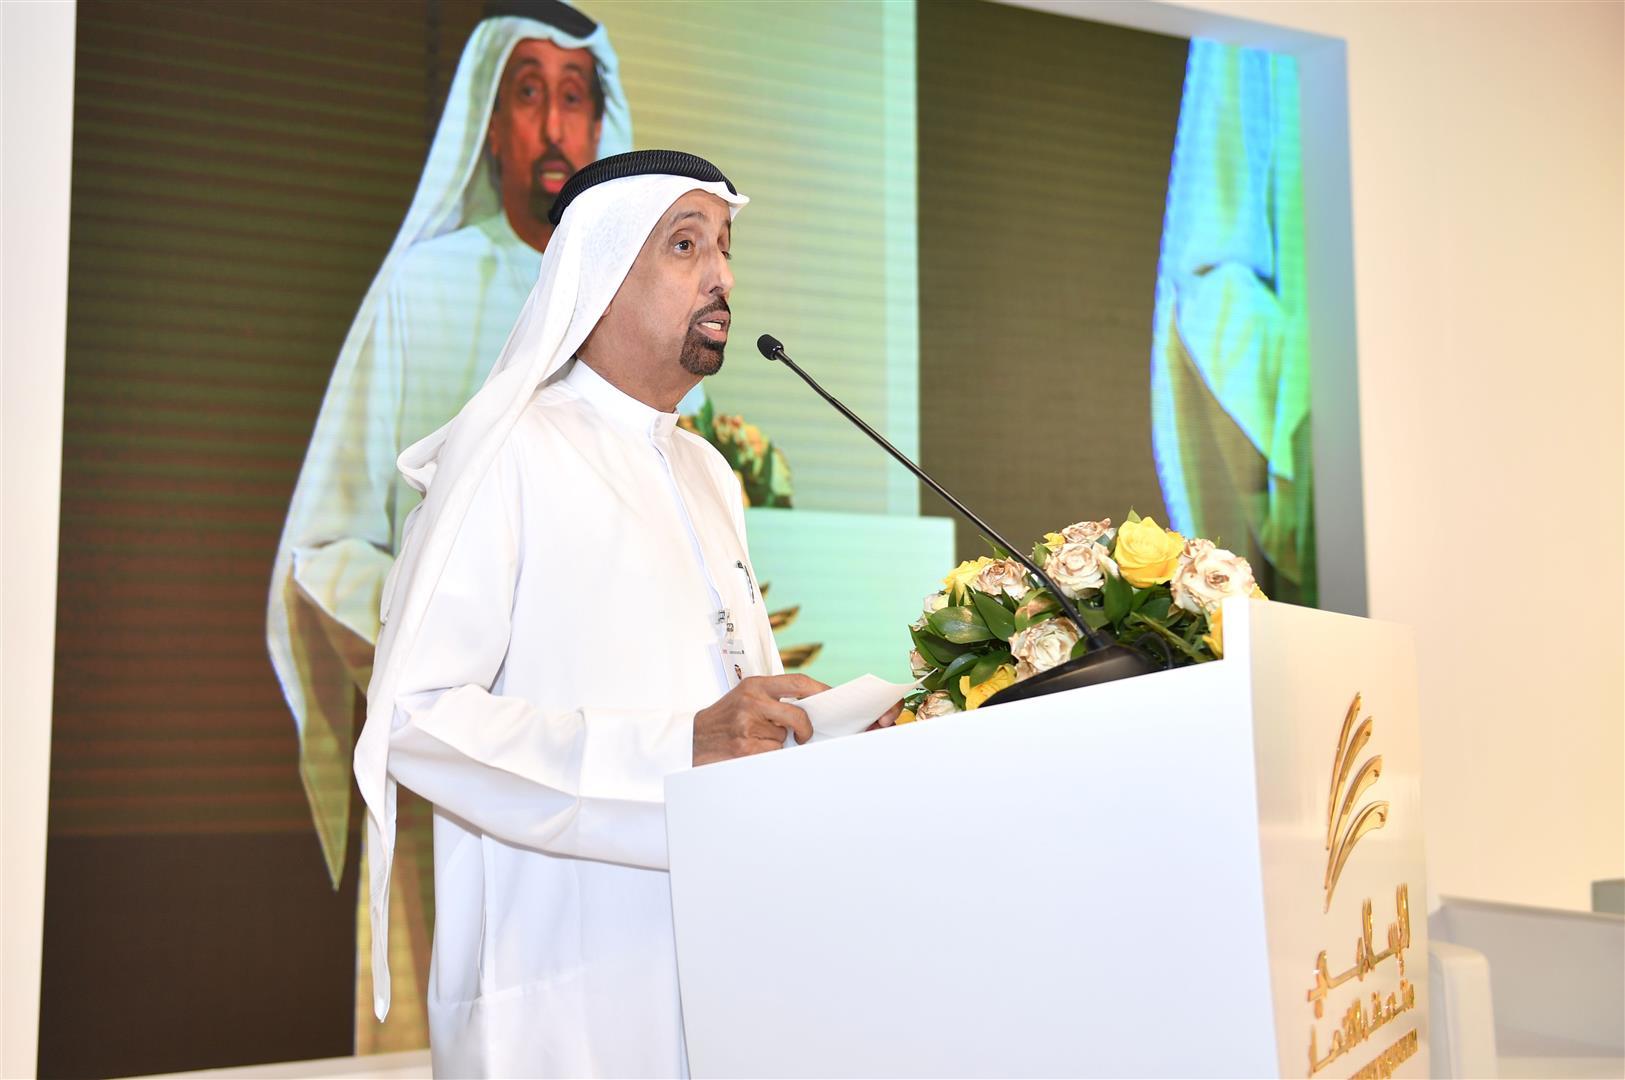 منصور بن محمد يفتتح منتدى فقه الاقتصاد الإسلامي 2